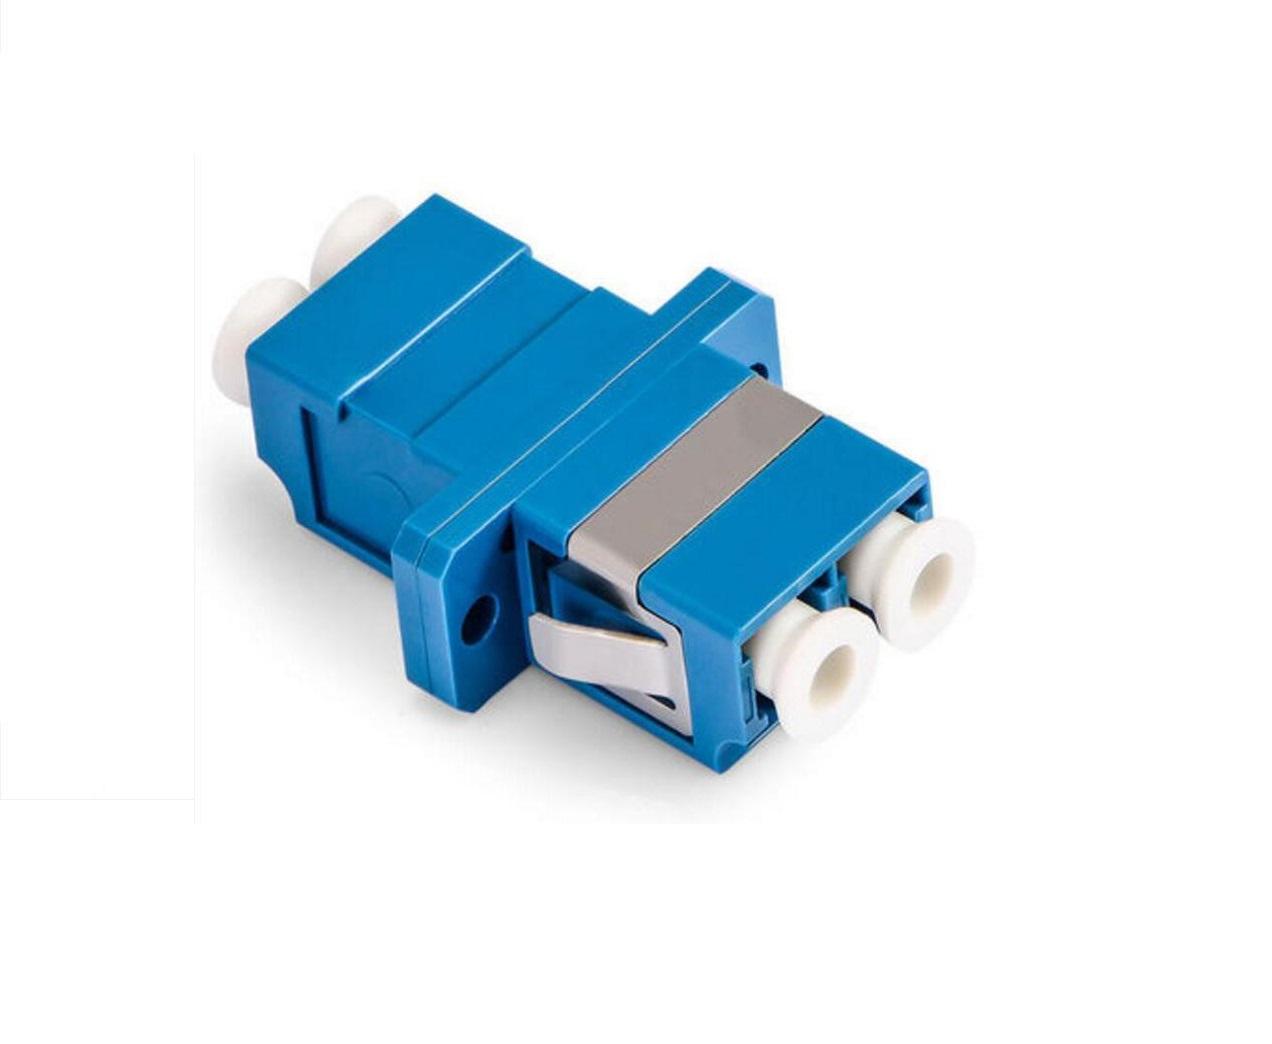 Đầu nối quang LC - Adapter quang LC/UPC duplex Singlemode